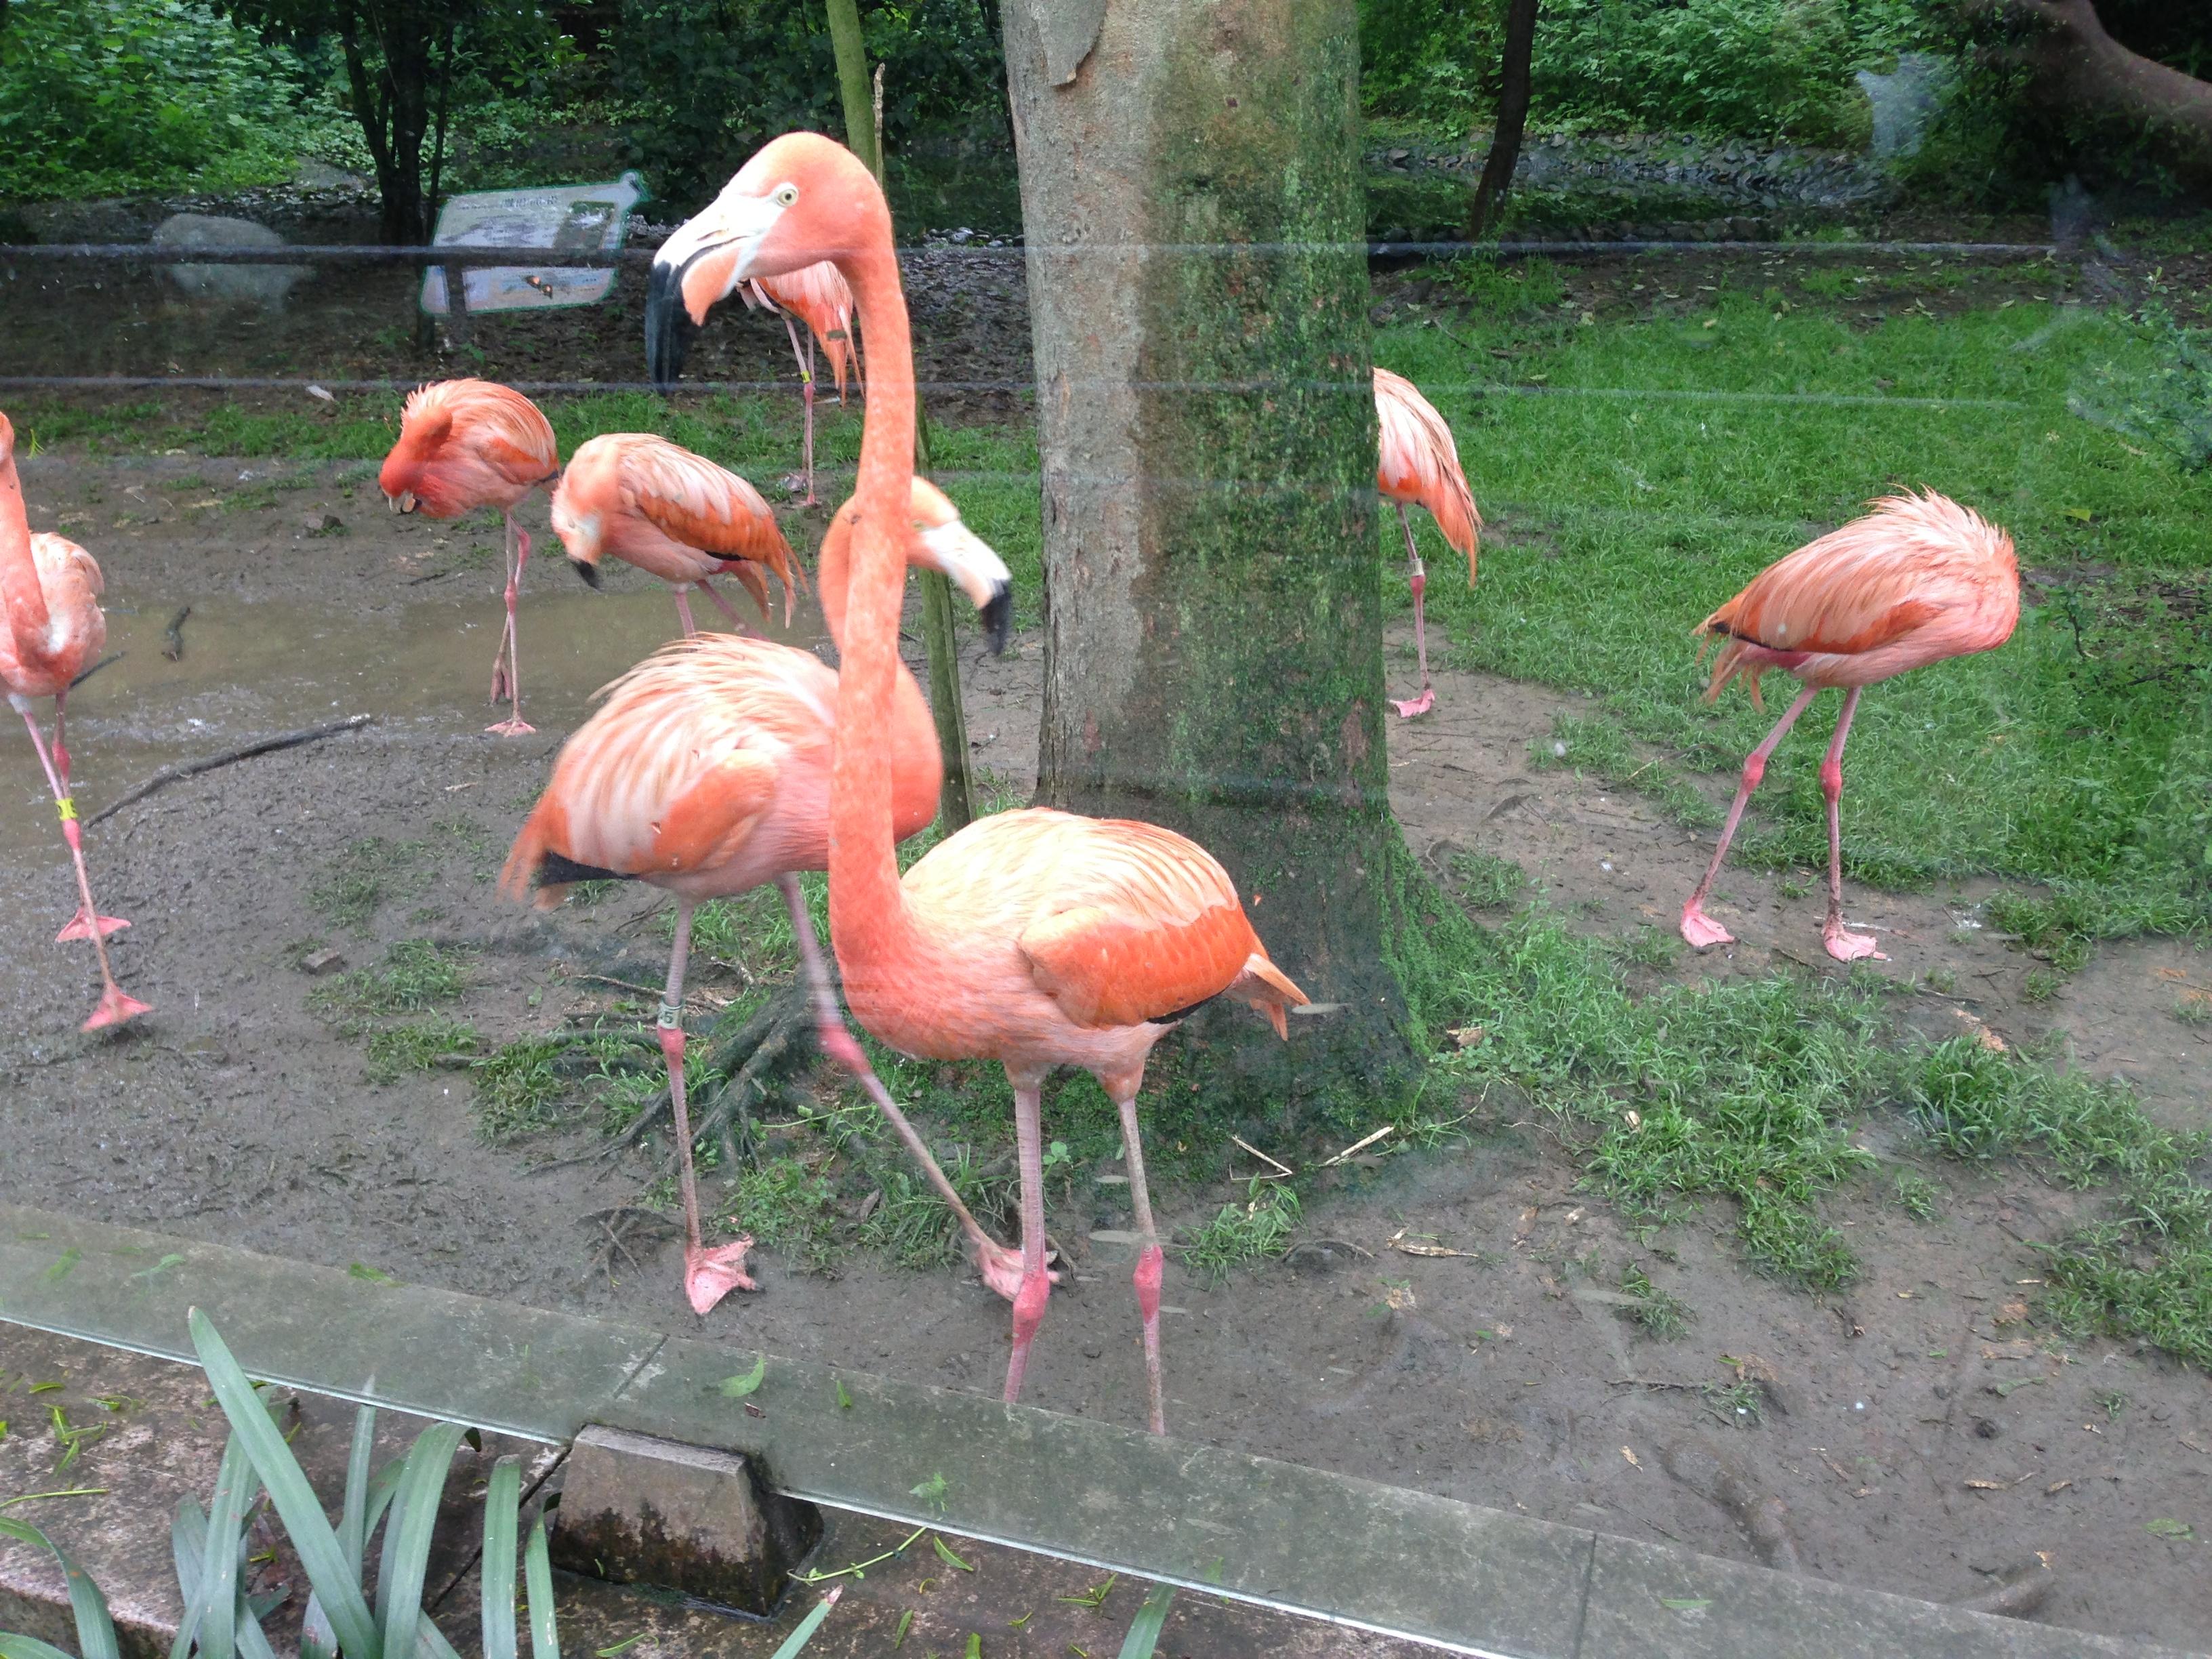 【携程攻略】浙江杭州动物园适合朋友出旅吗